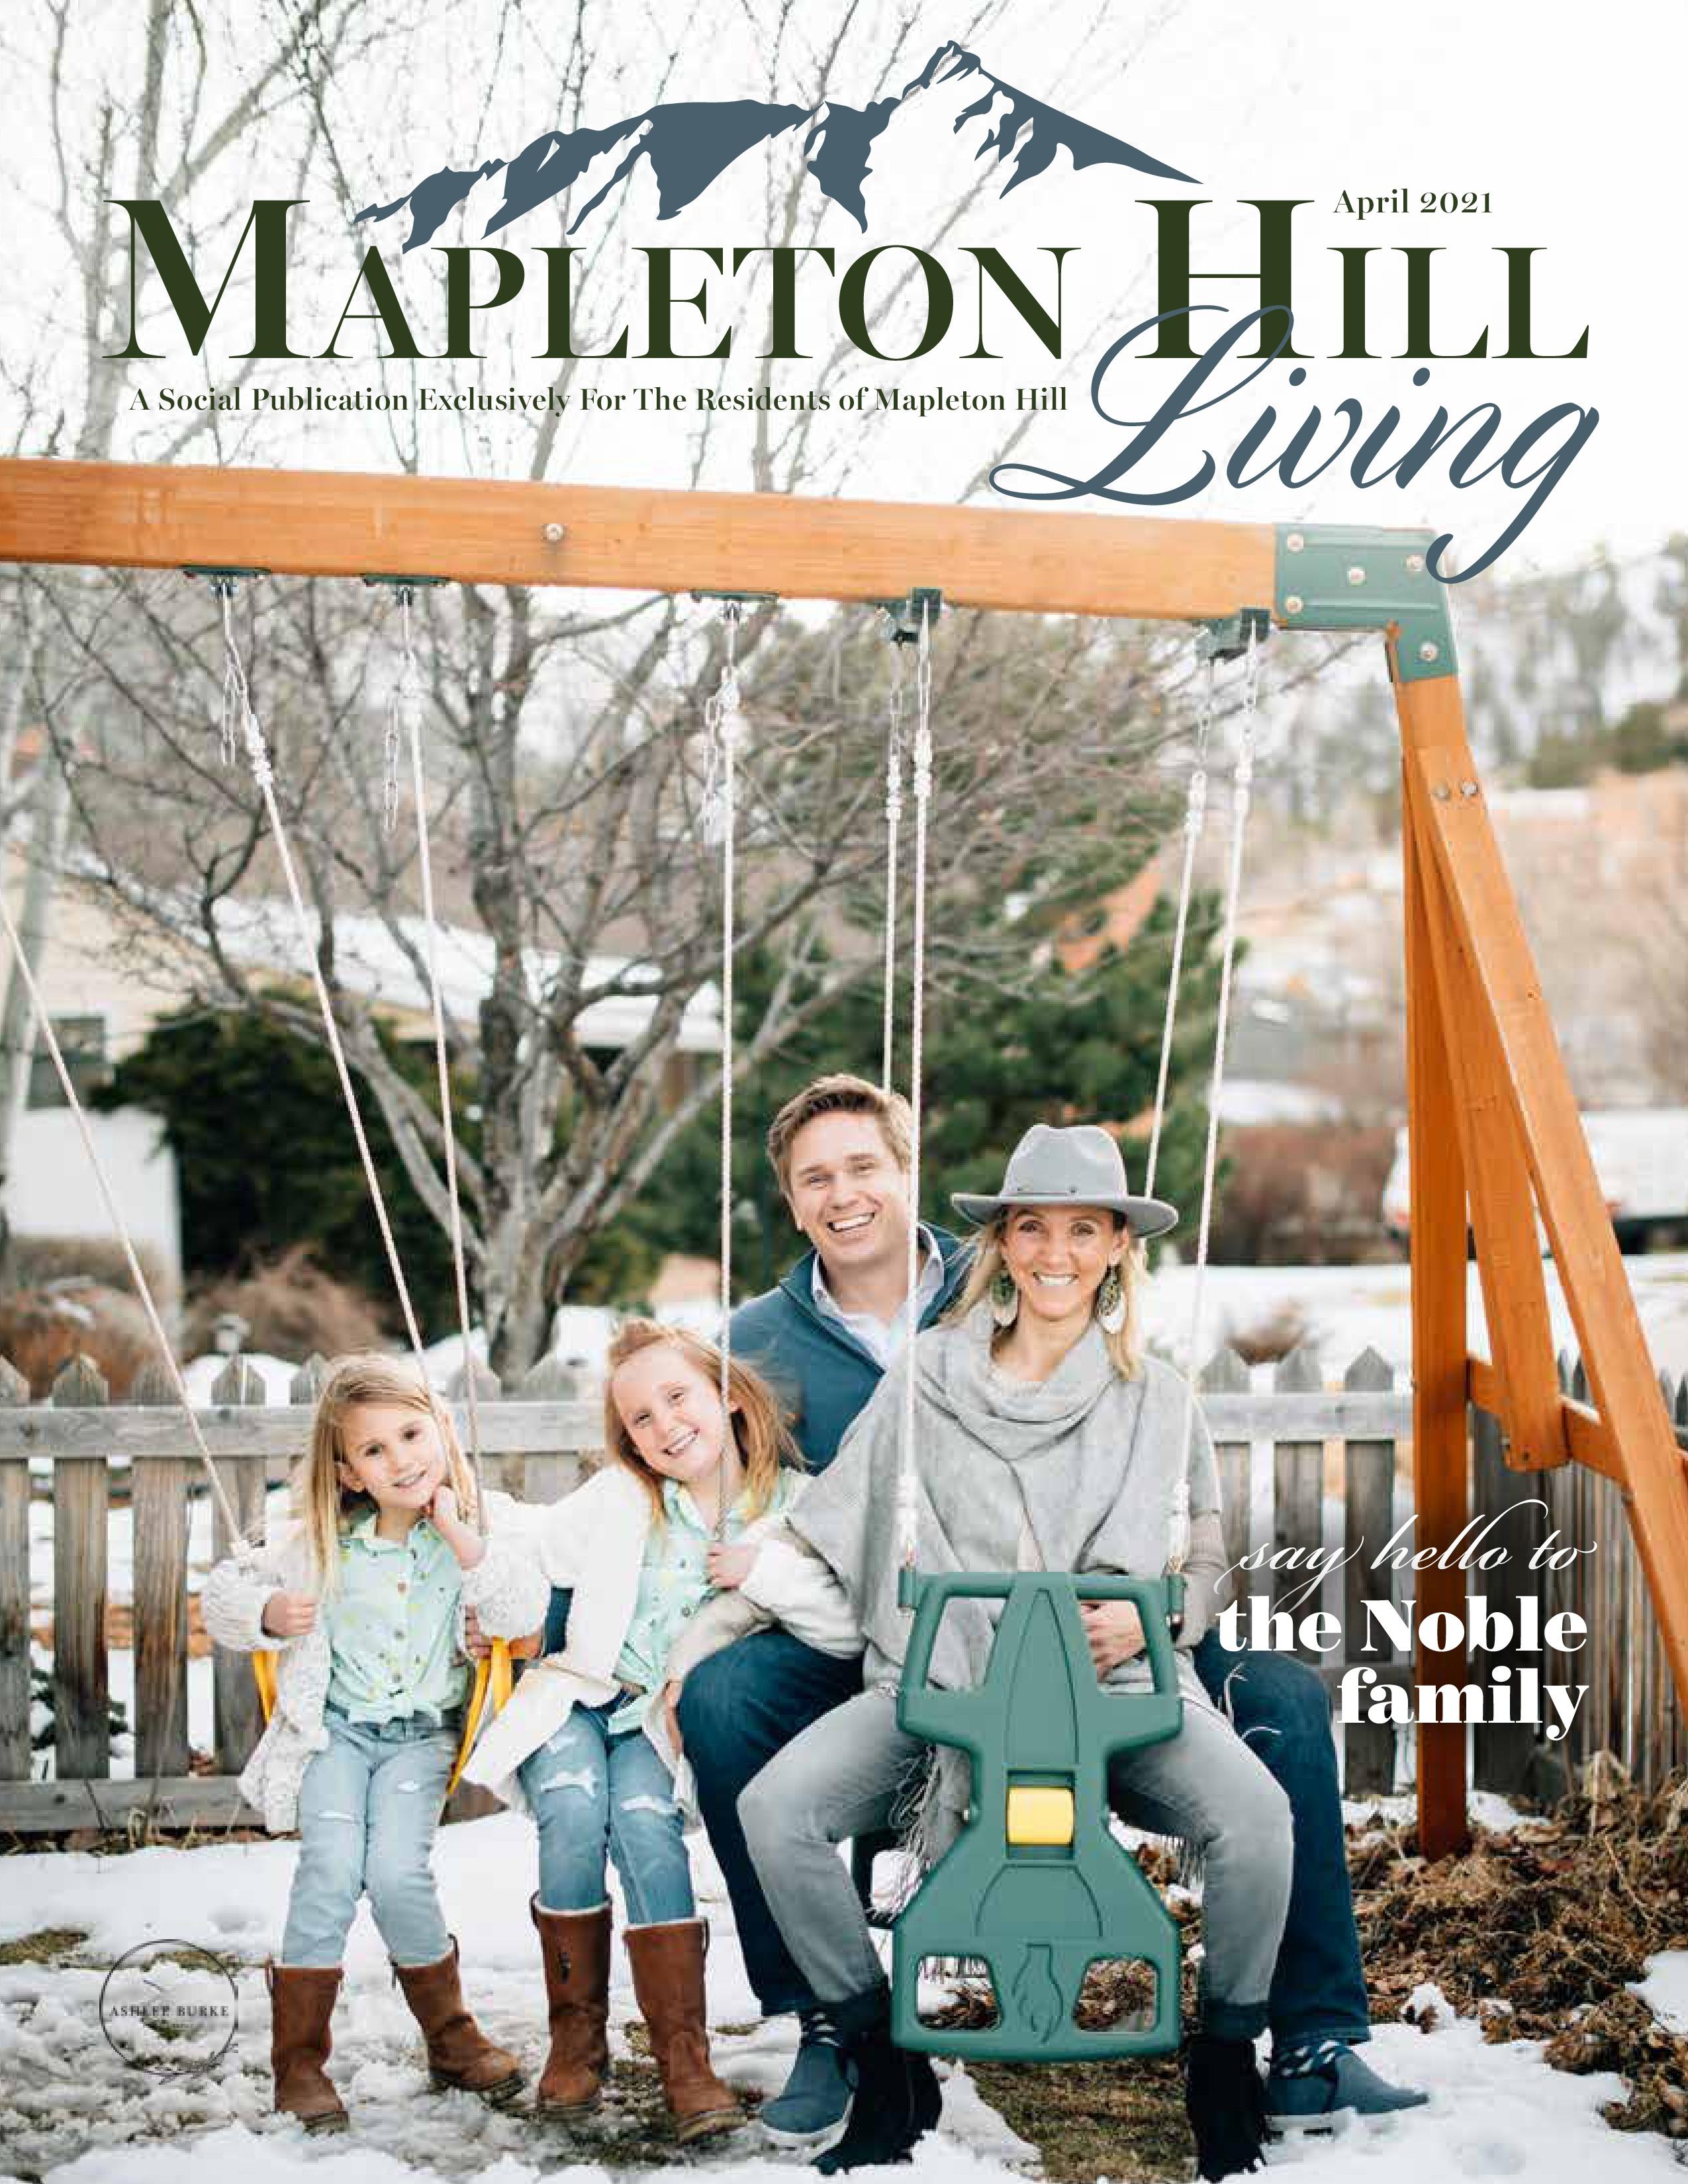 Mapleton Hill Living 2021-04-01